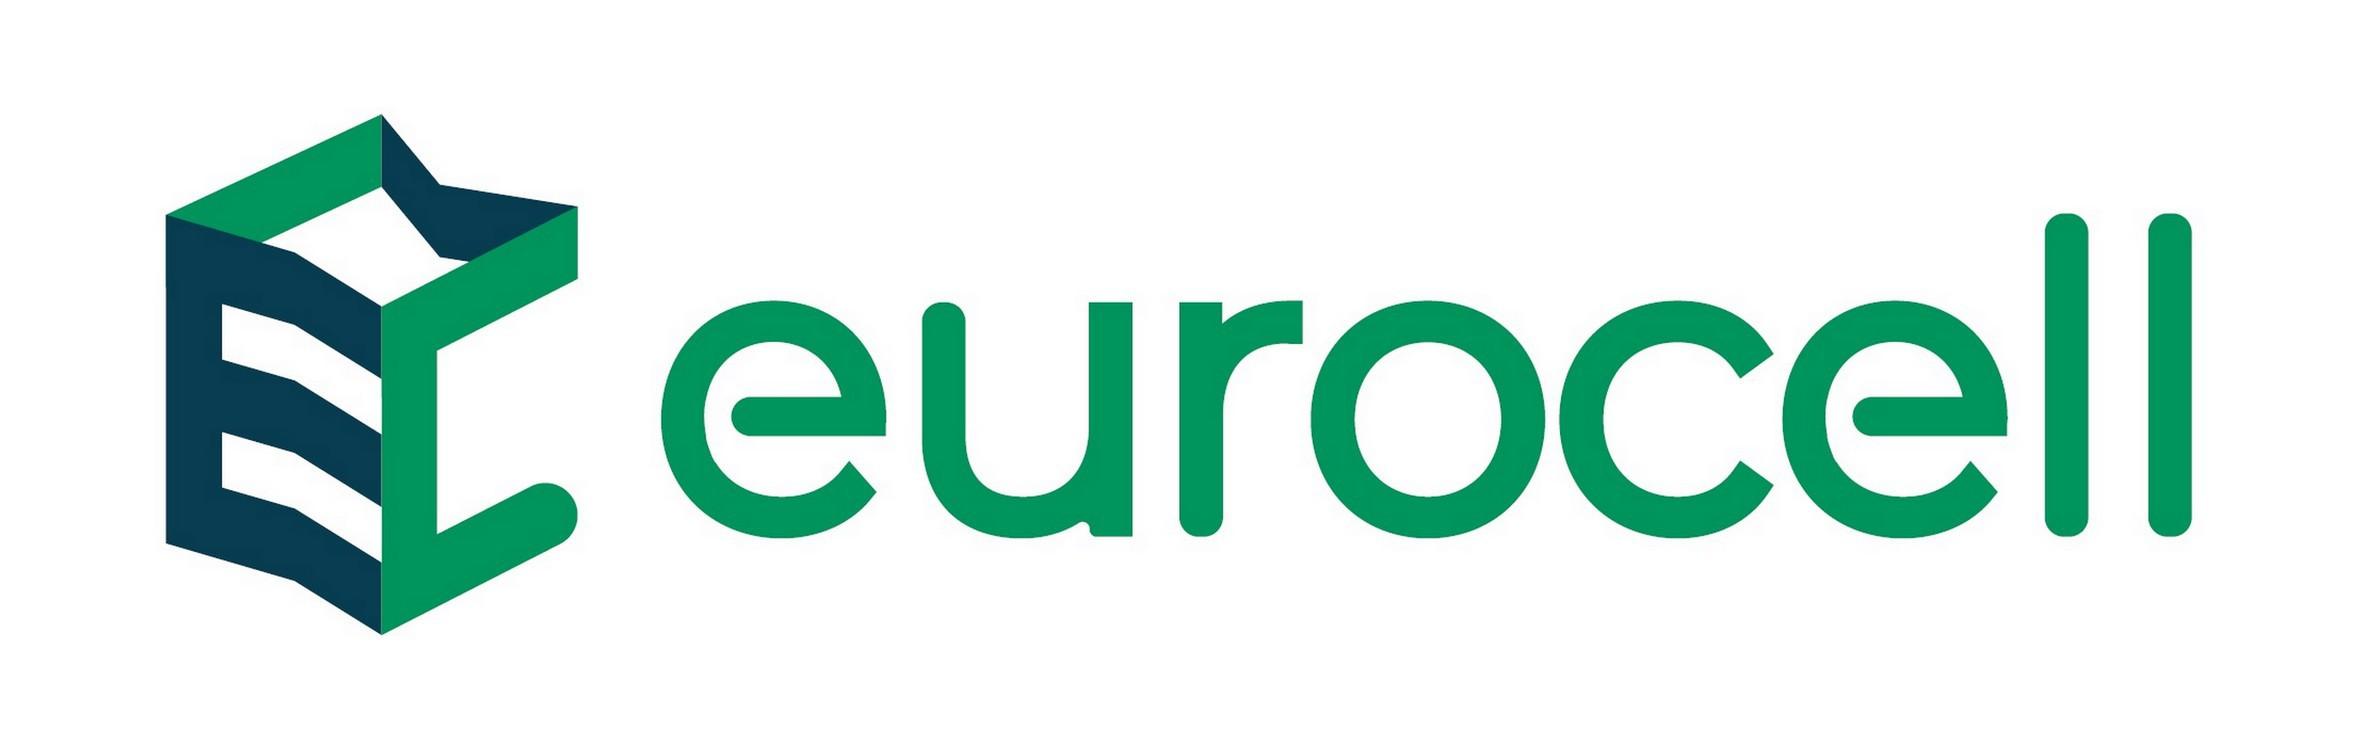 Bildmarke: EUROCELL